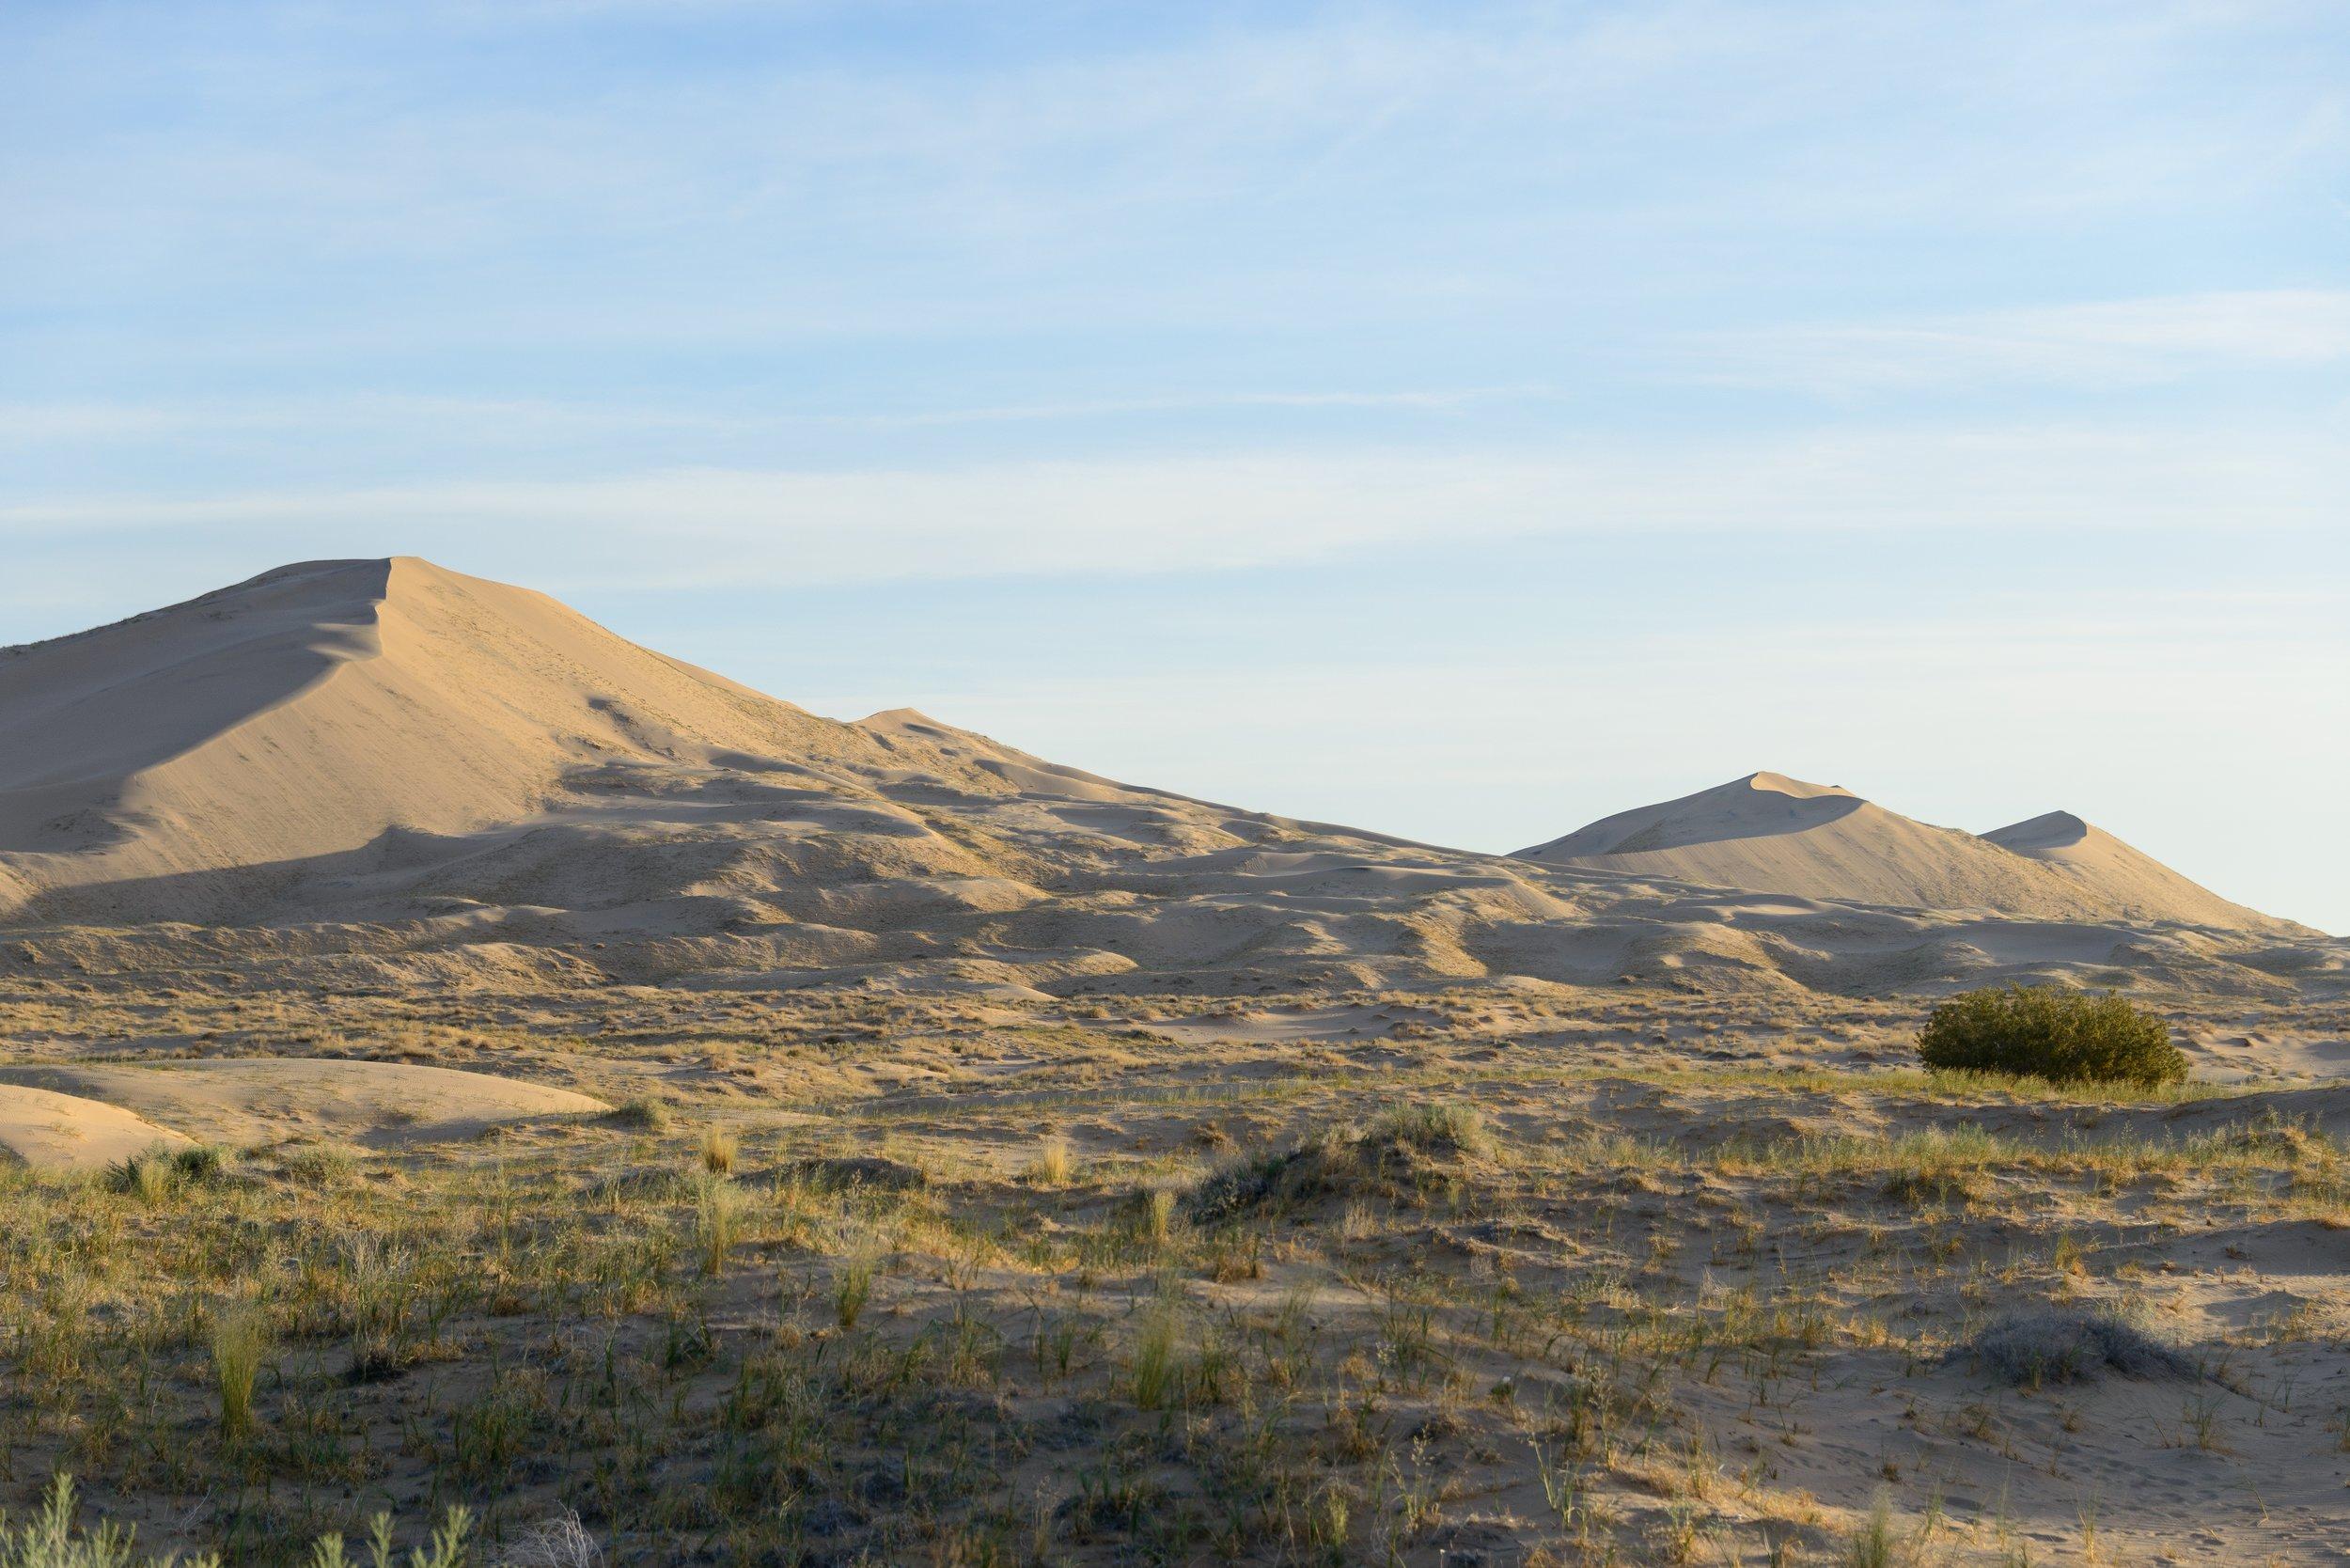 Kelso Dunes at sunrise.